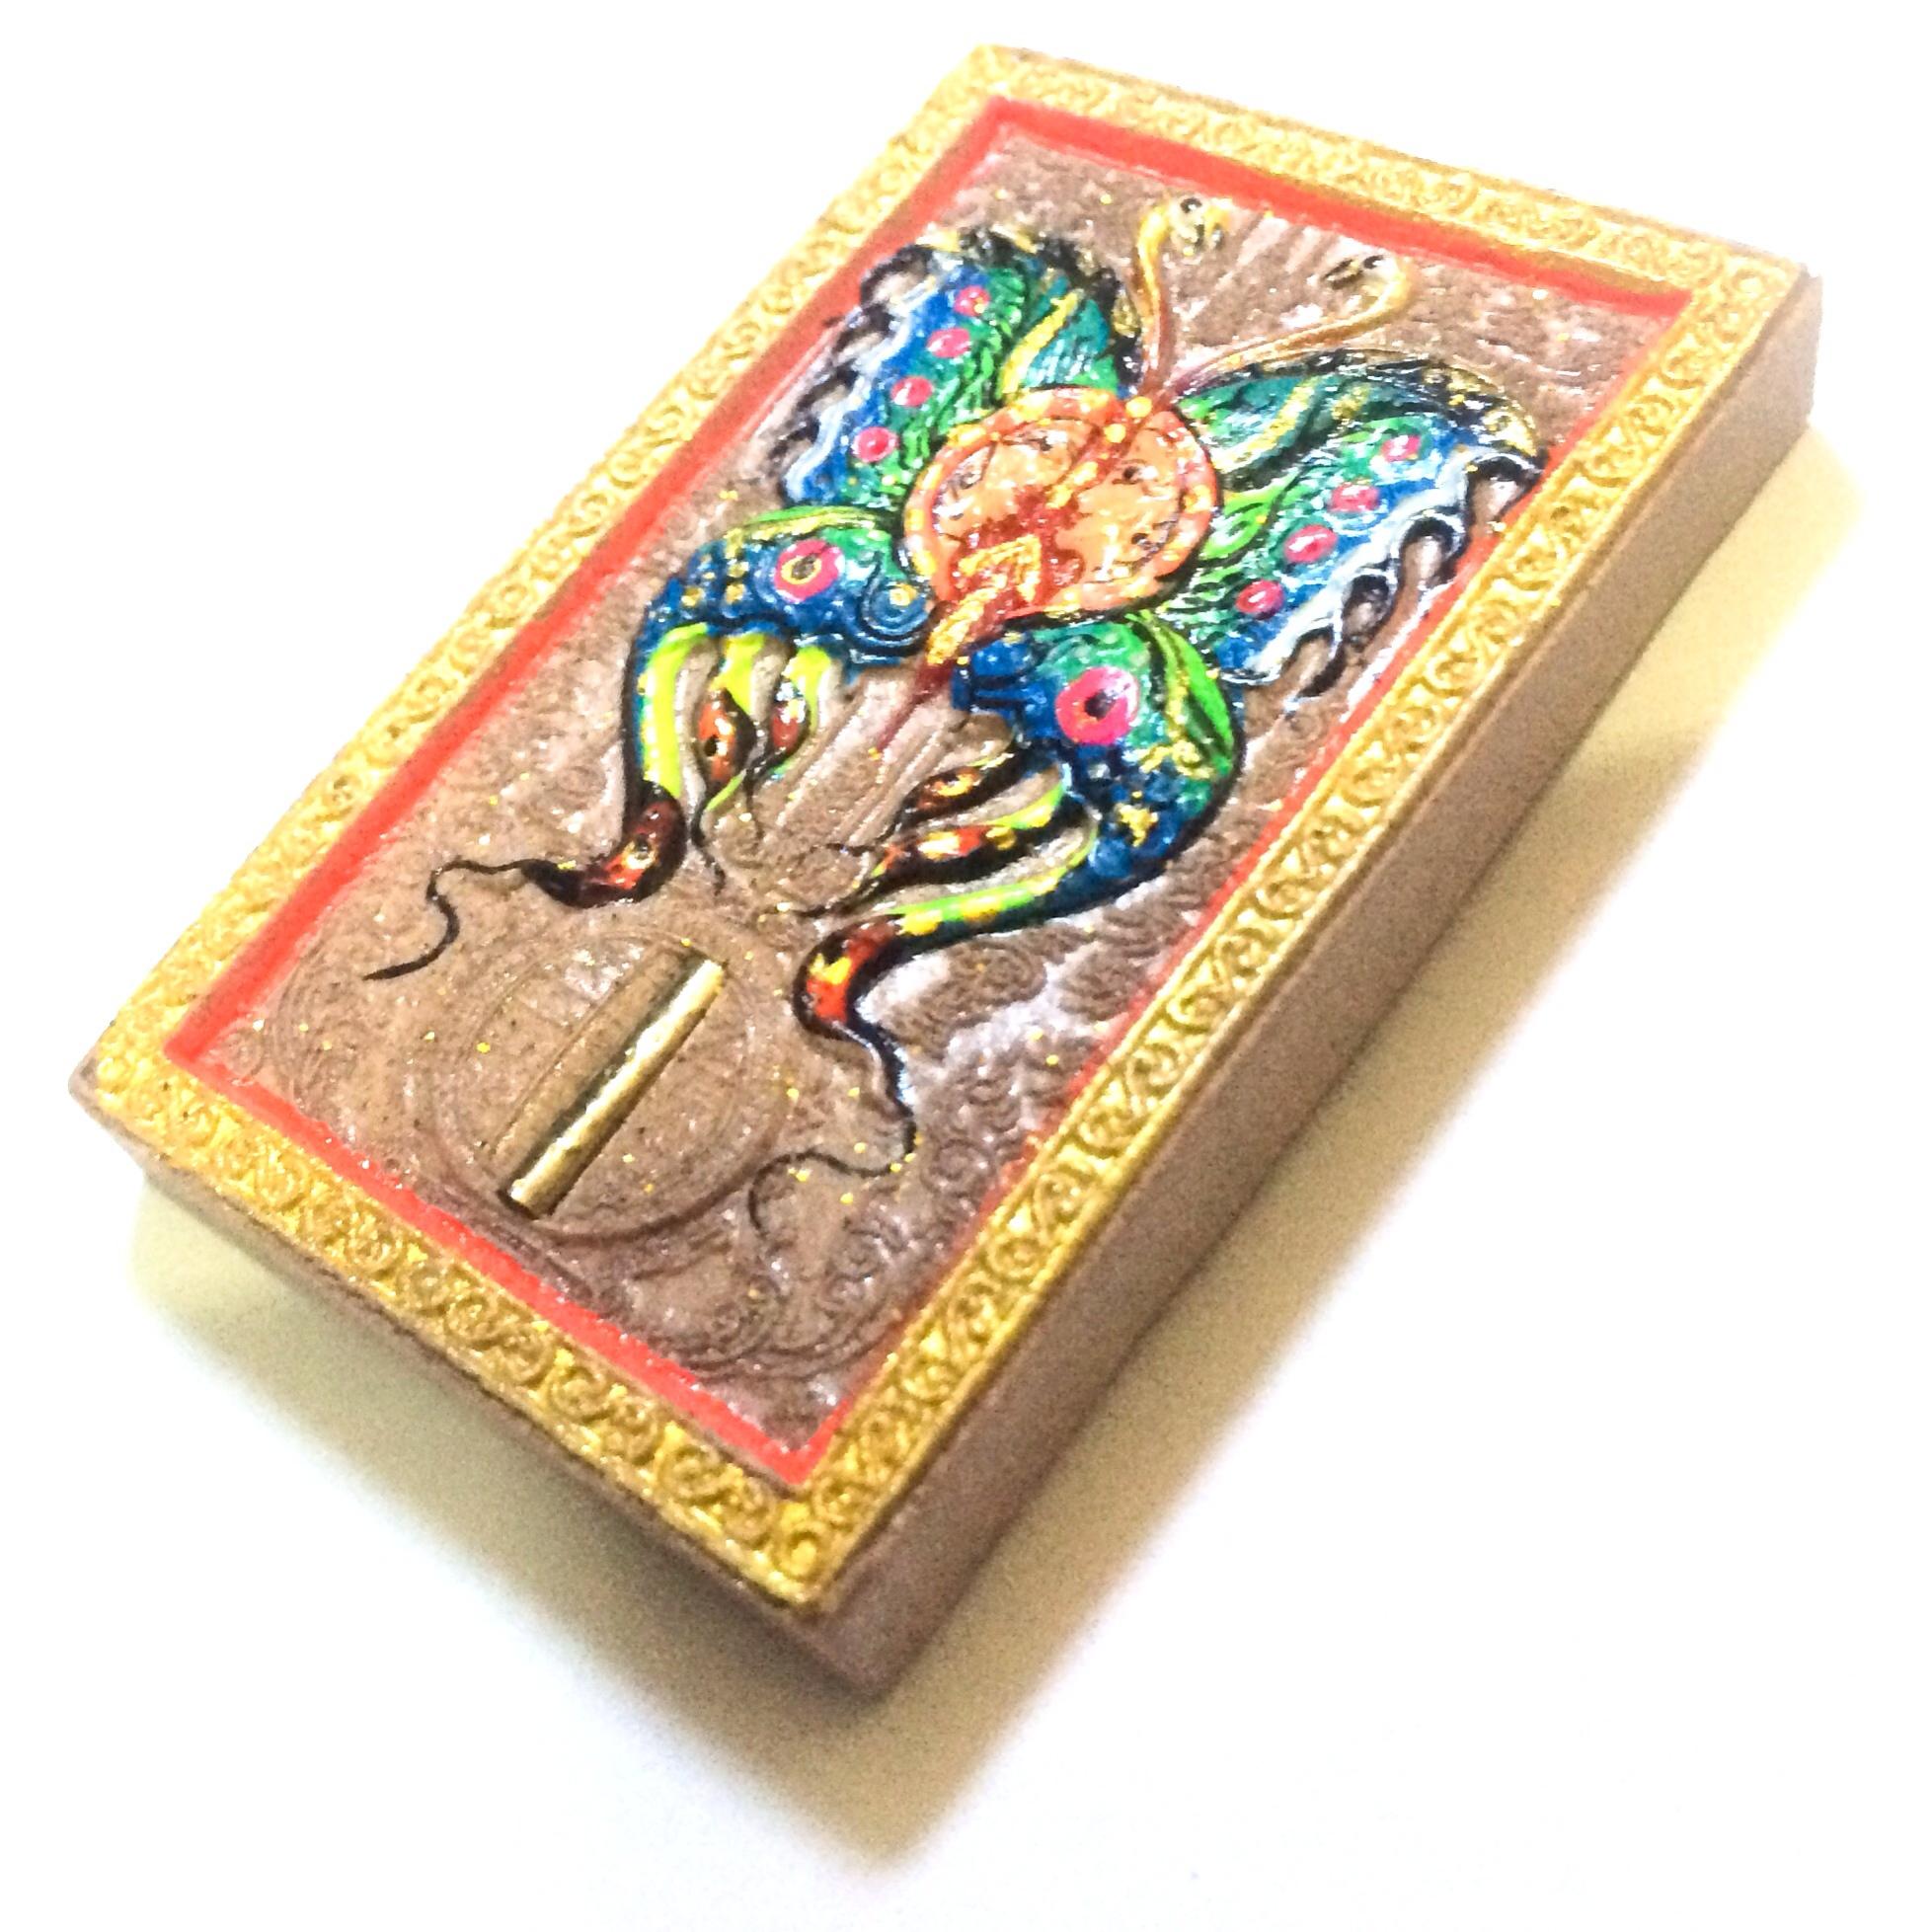 Taep Bin See Khiaw Butterfly King amulet by Kroo Ba Krissana